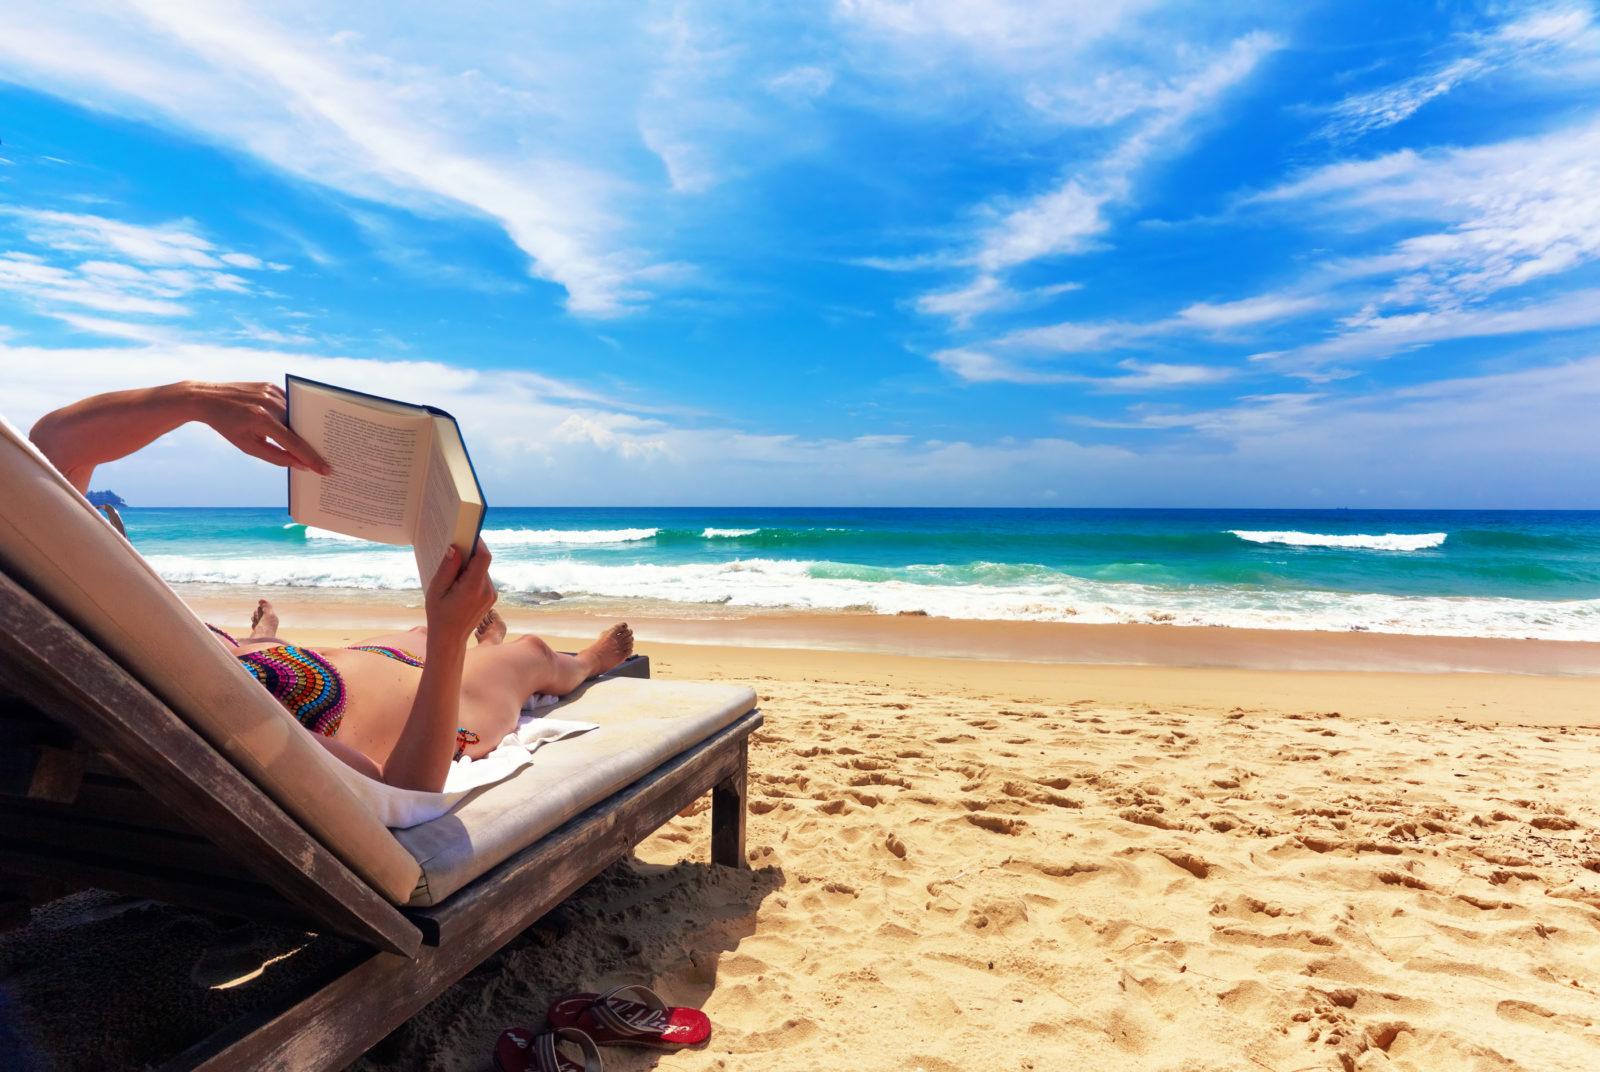 Hogyan éld túl, millerpack csomagolóanyag blog, ötletek, tippek, nyaralás, pihenés, vakáció, szabadság